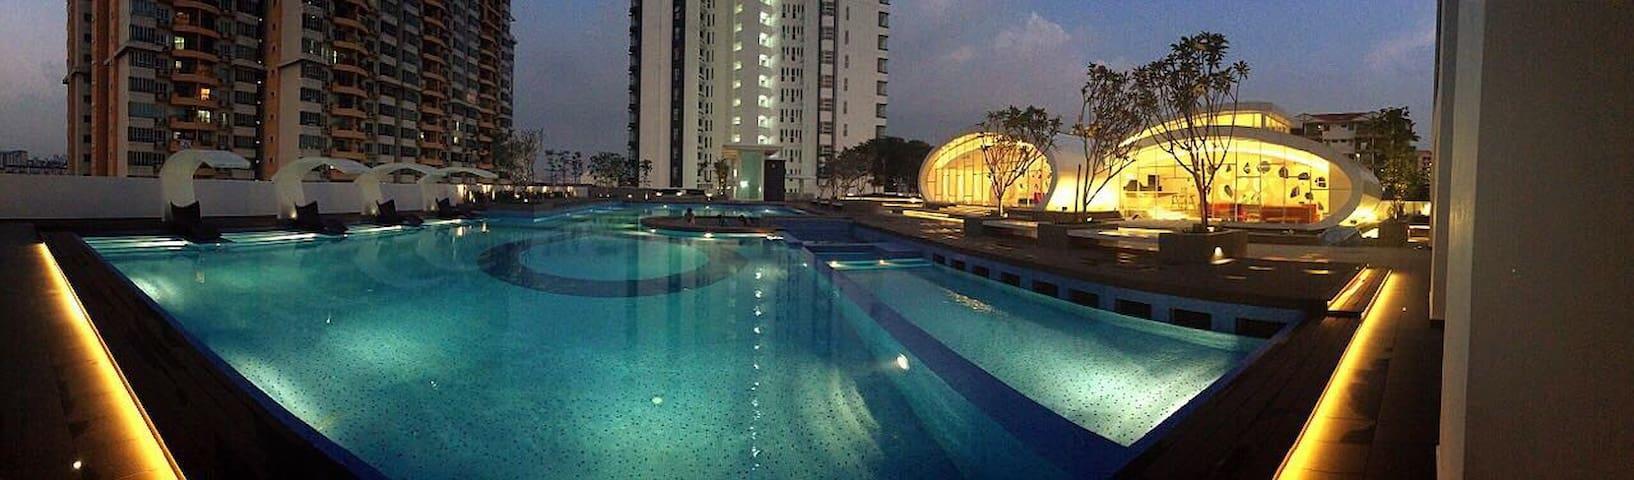 时尚豪华公寓Arte Kuchai lama快速网络500mbps包括私人浴室